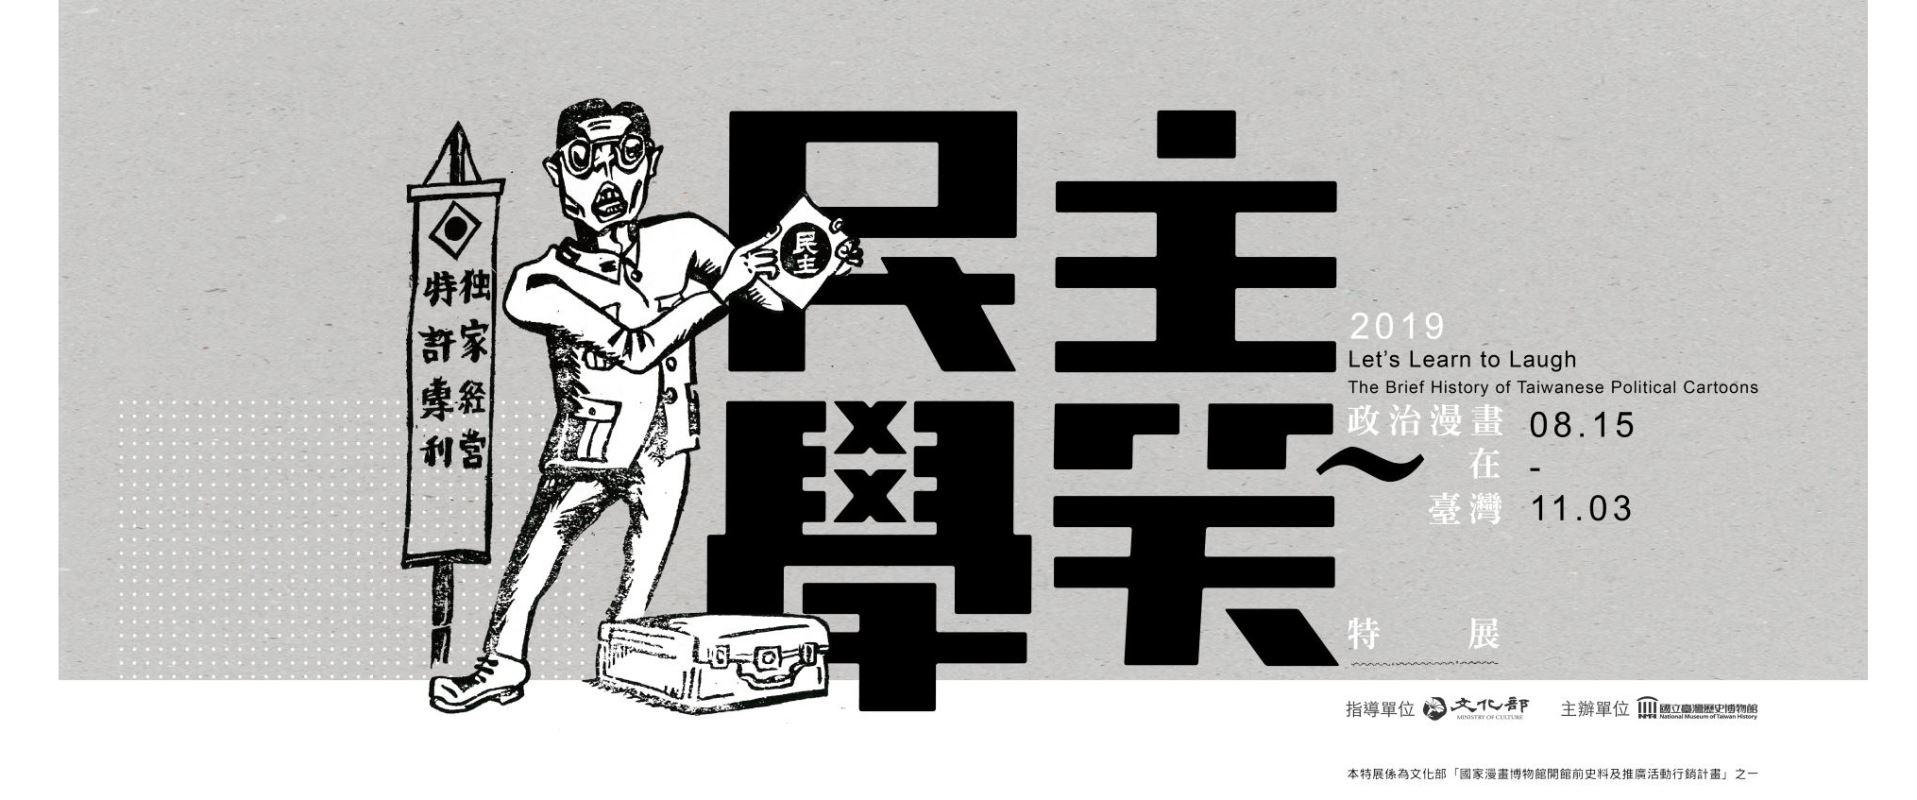 「民主学笑(笑いの学校):台湾における政治漫画」特別展[另開新視窗]